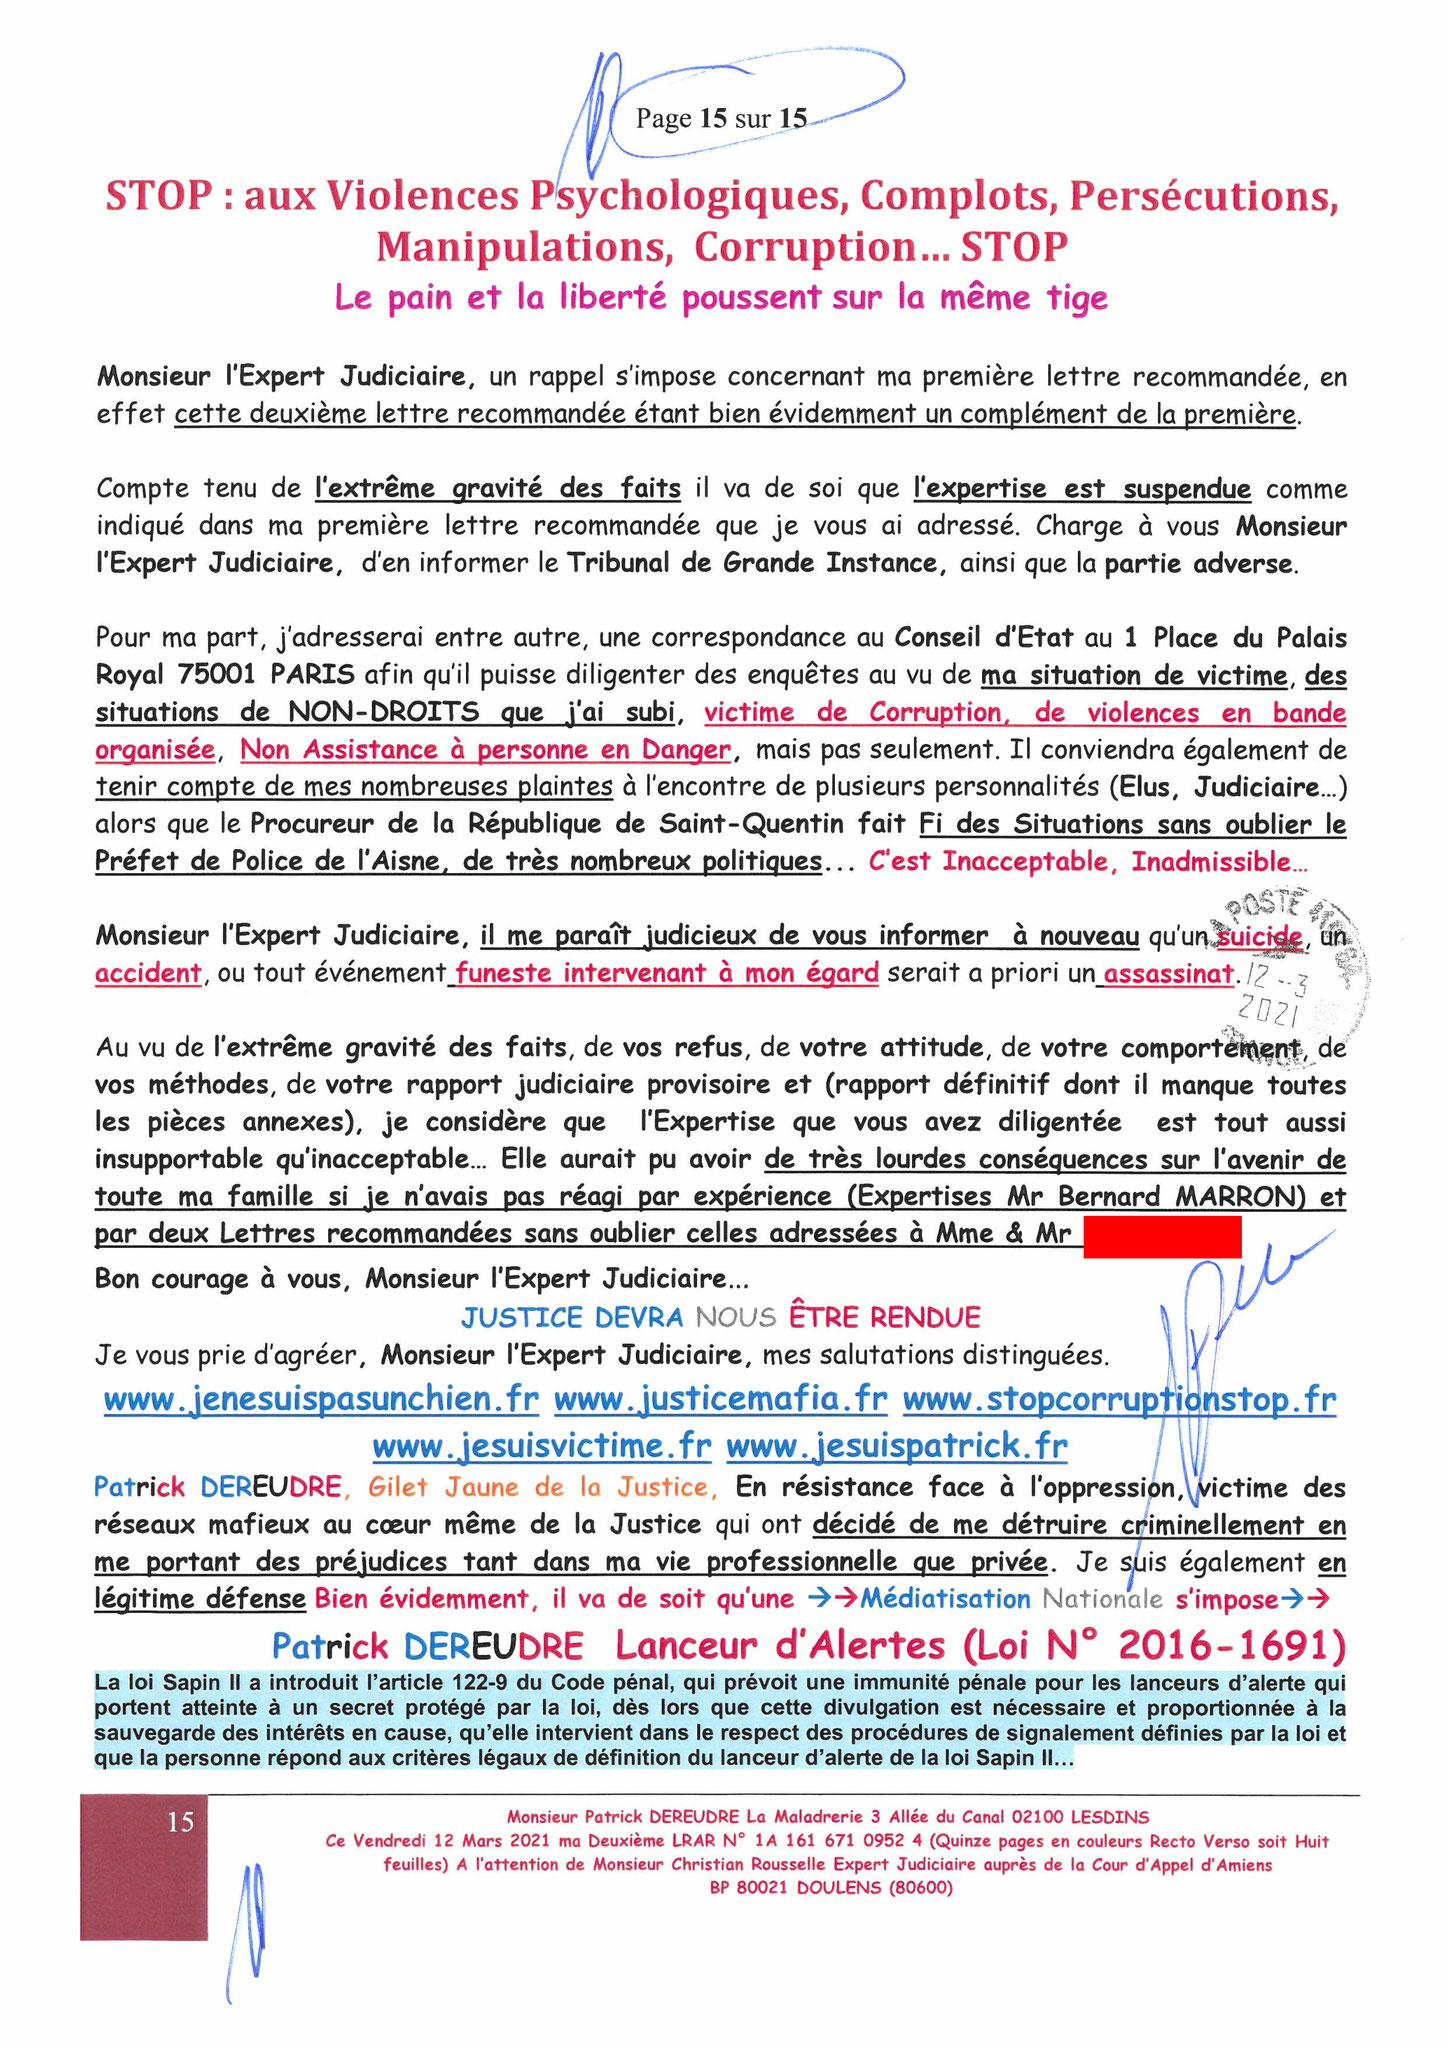 Ma 2éme LRAR N0 1A 161 671 0952 4 du Vendredi 12 Mars 2021 soit quinze pages en couleurs Monsieur L'Expert Judiciaire Christian ROUSSELLE www.jenesuispasunchien.fr www.jesuisvictime.fr www.jesuispatrick.fr NE RENONCEZ JAMAIS LE PAIN ET LA LIBERTE...